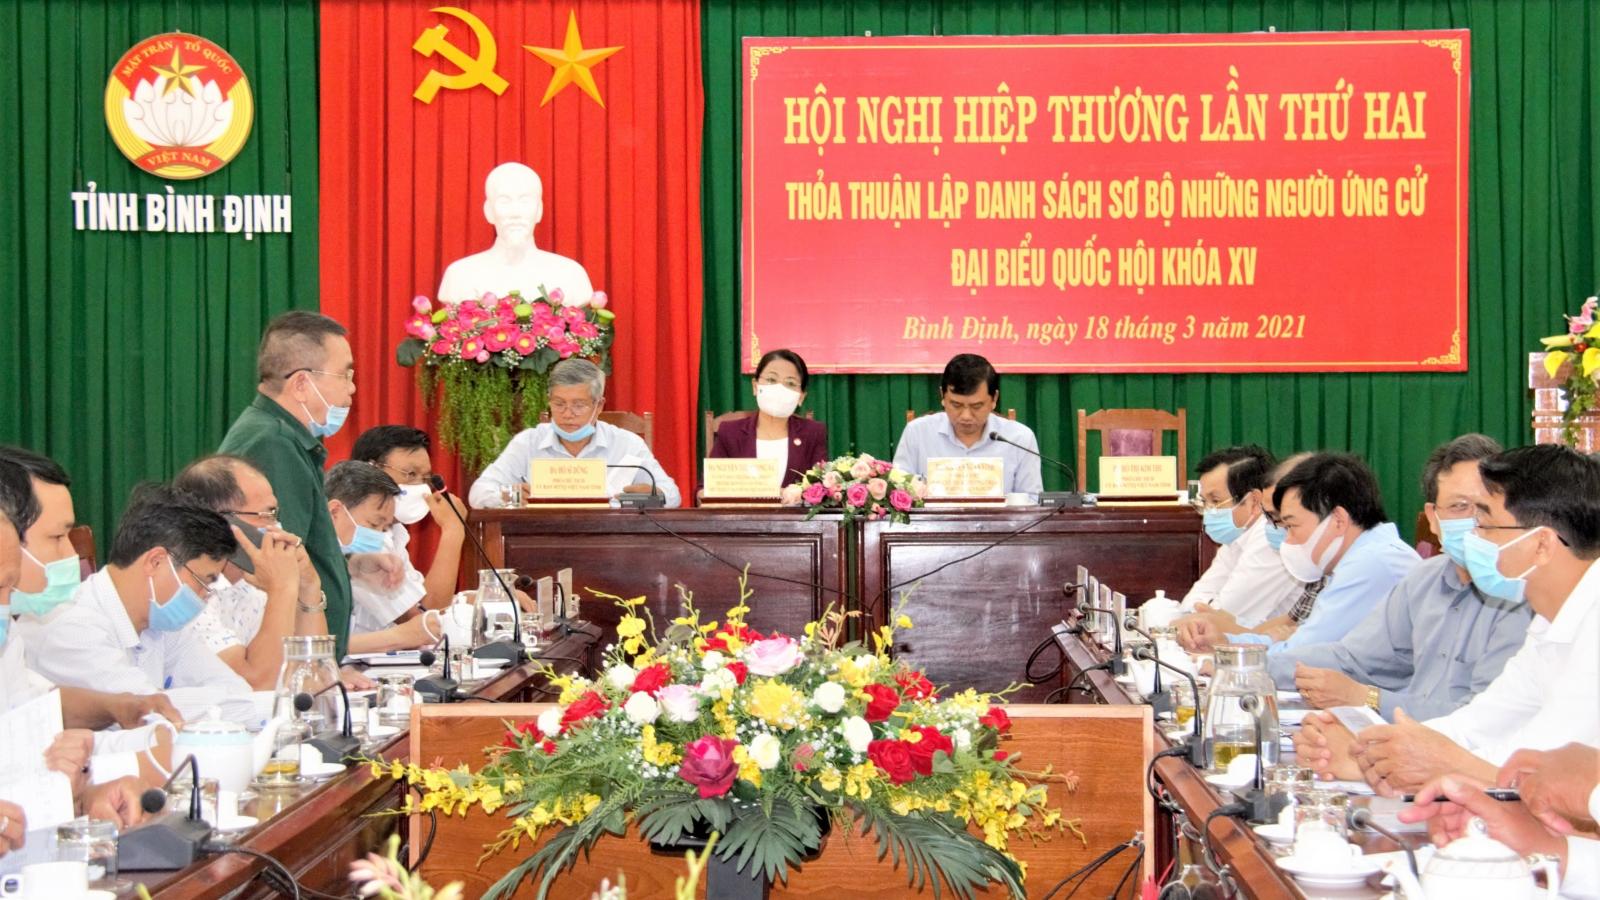 Bình Định: 2 người tự ứng cử Đại biểu Quốc hội